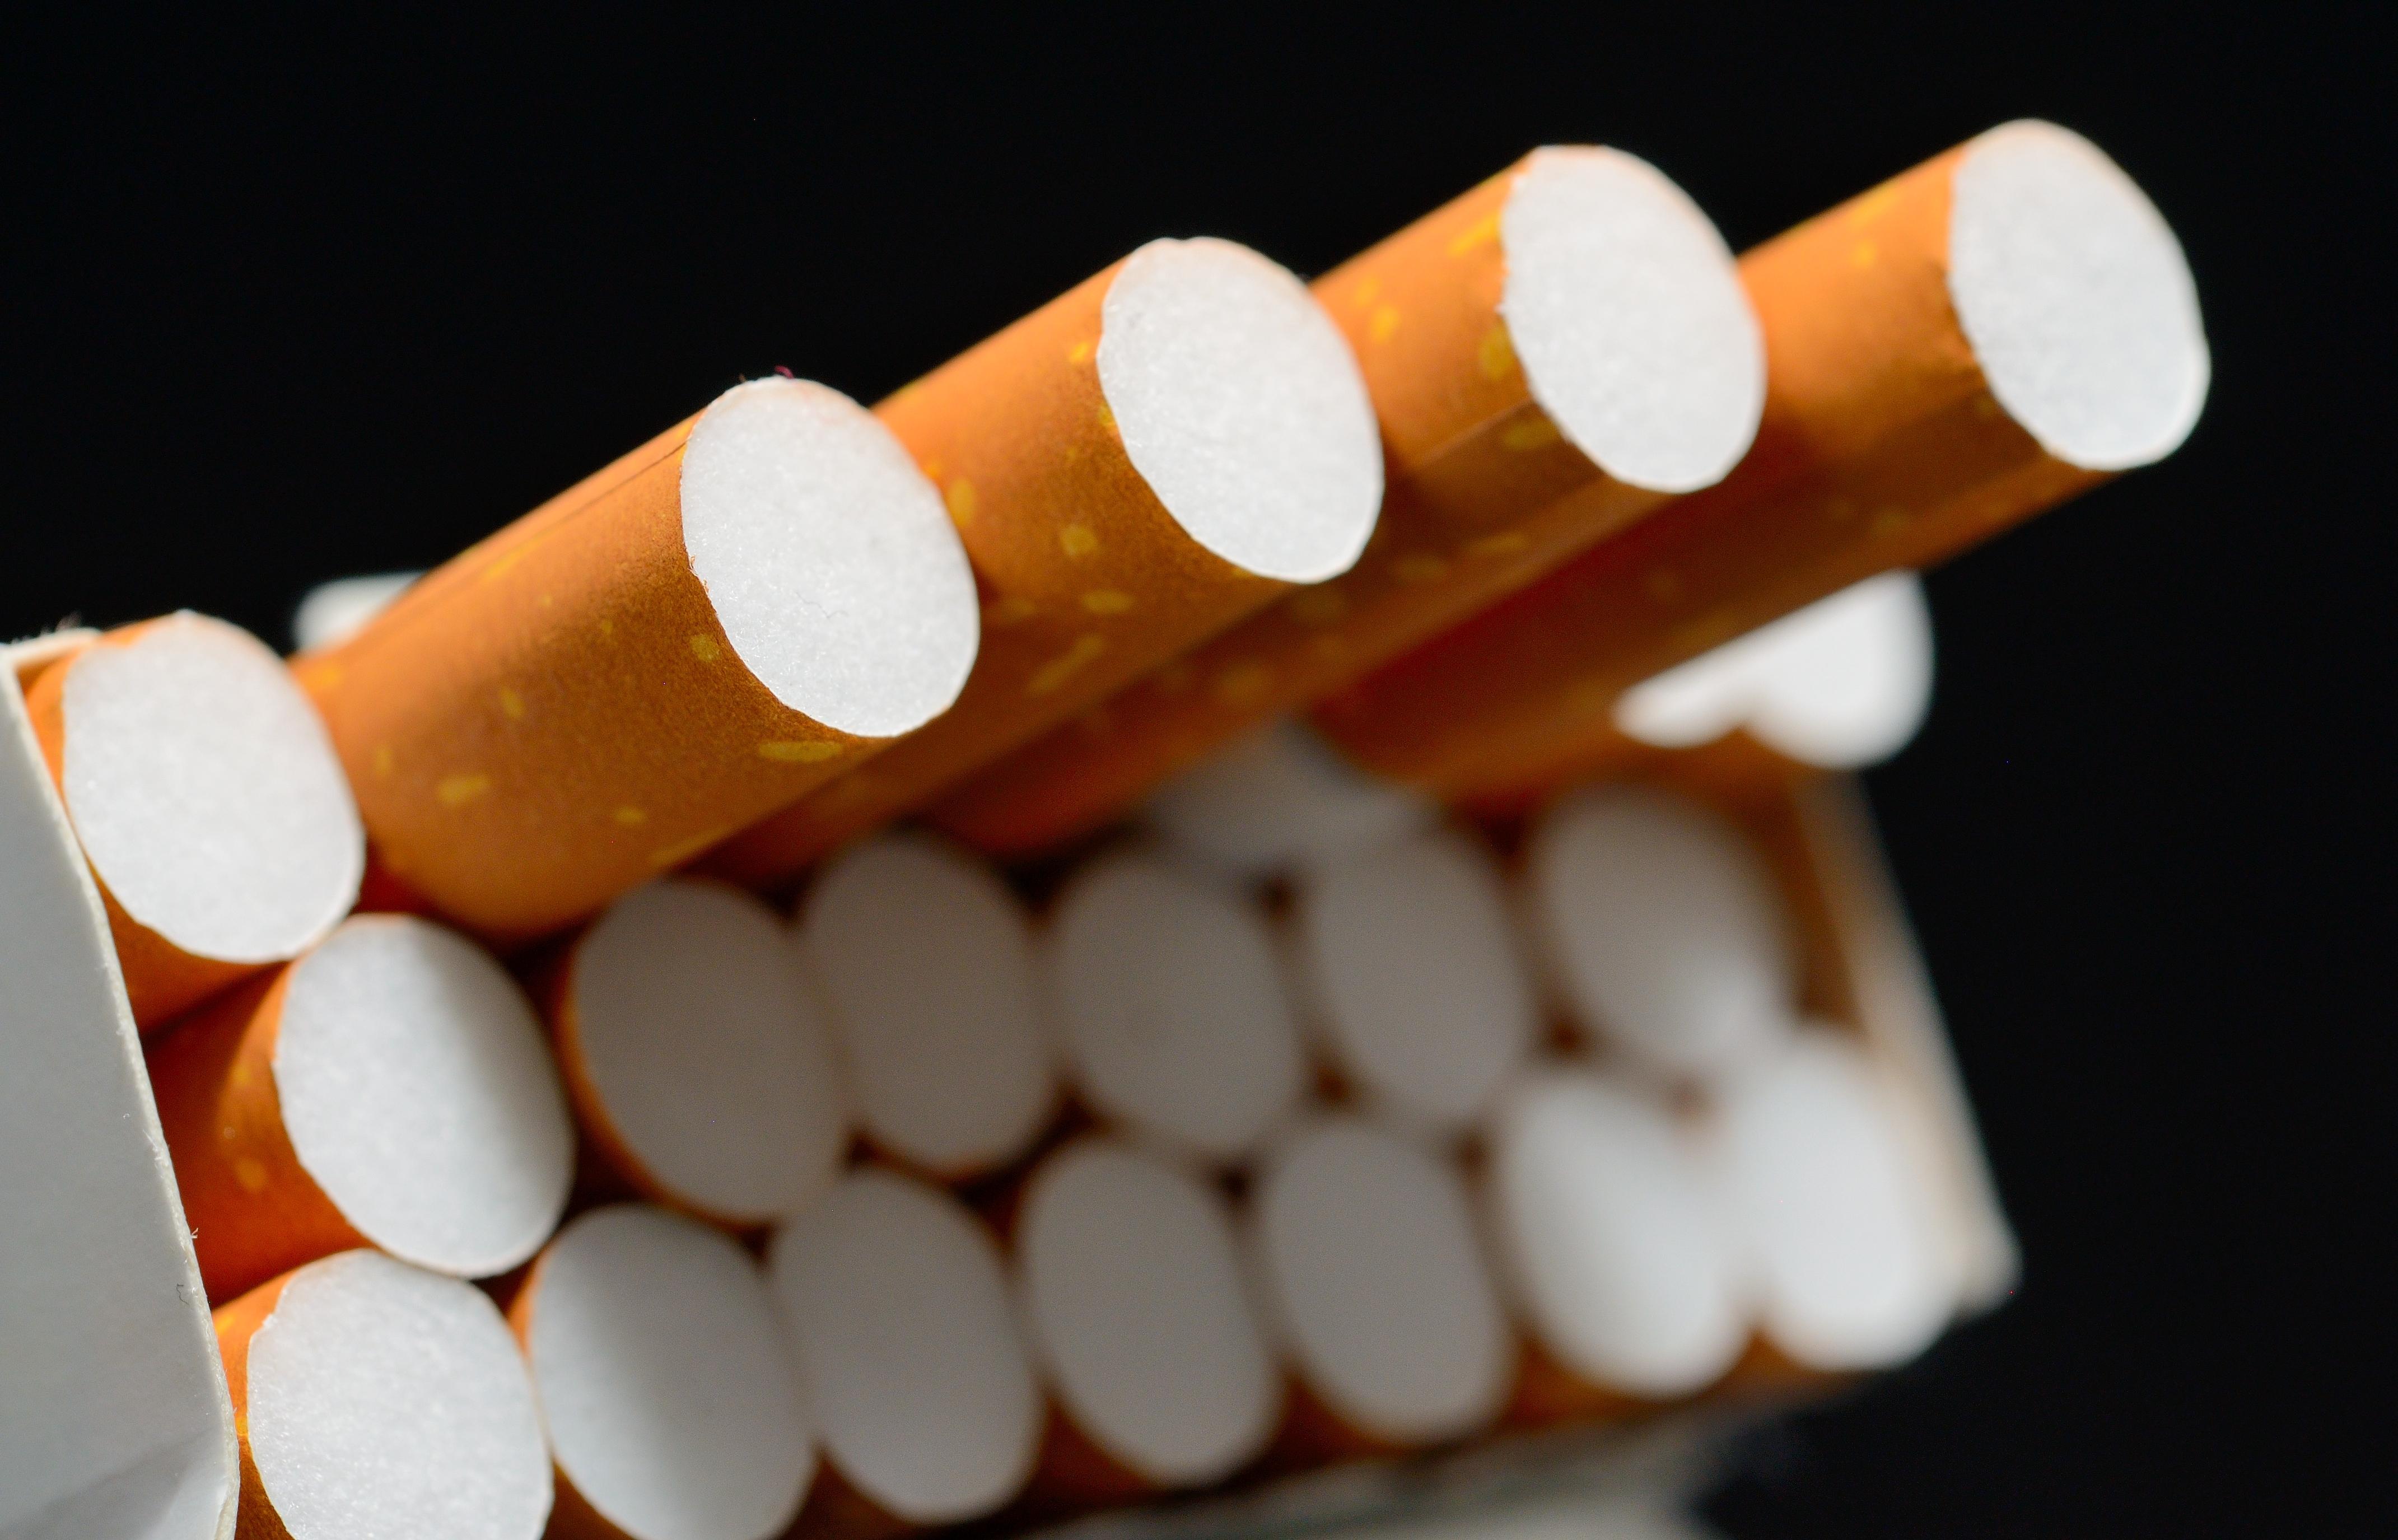 Risultati immagini per sigarette